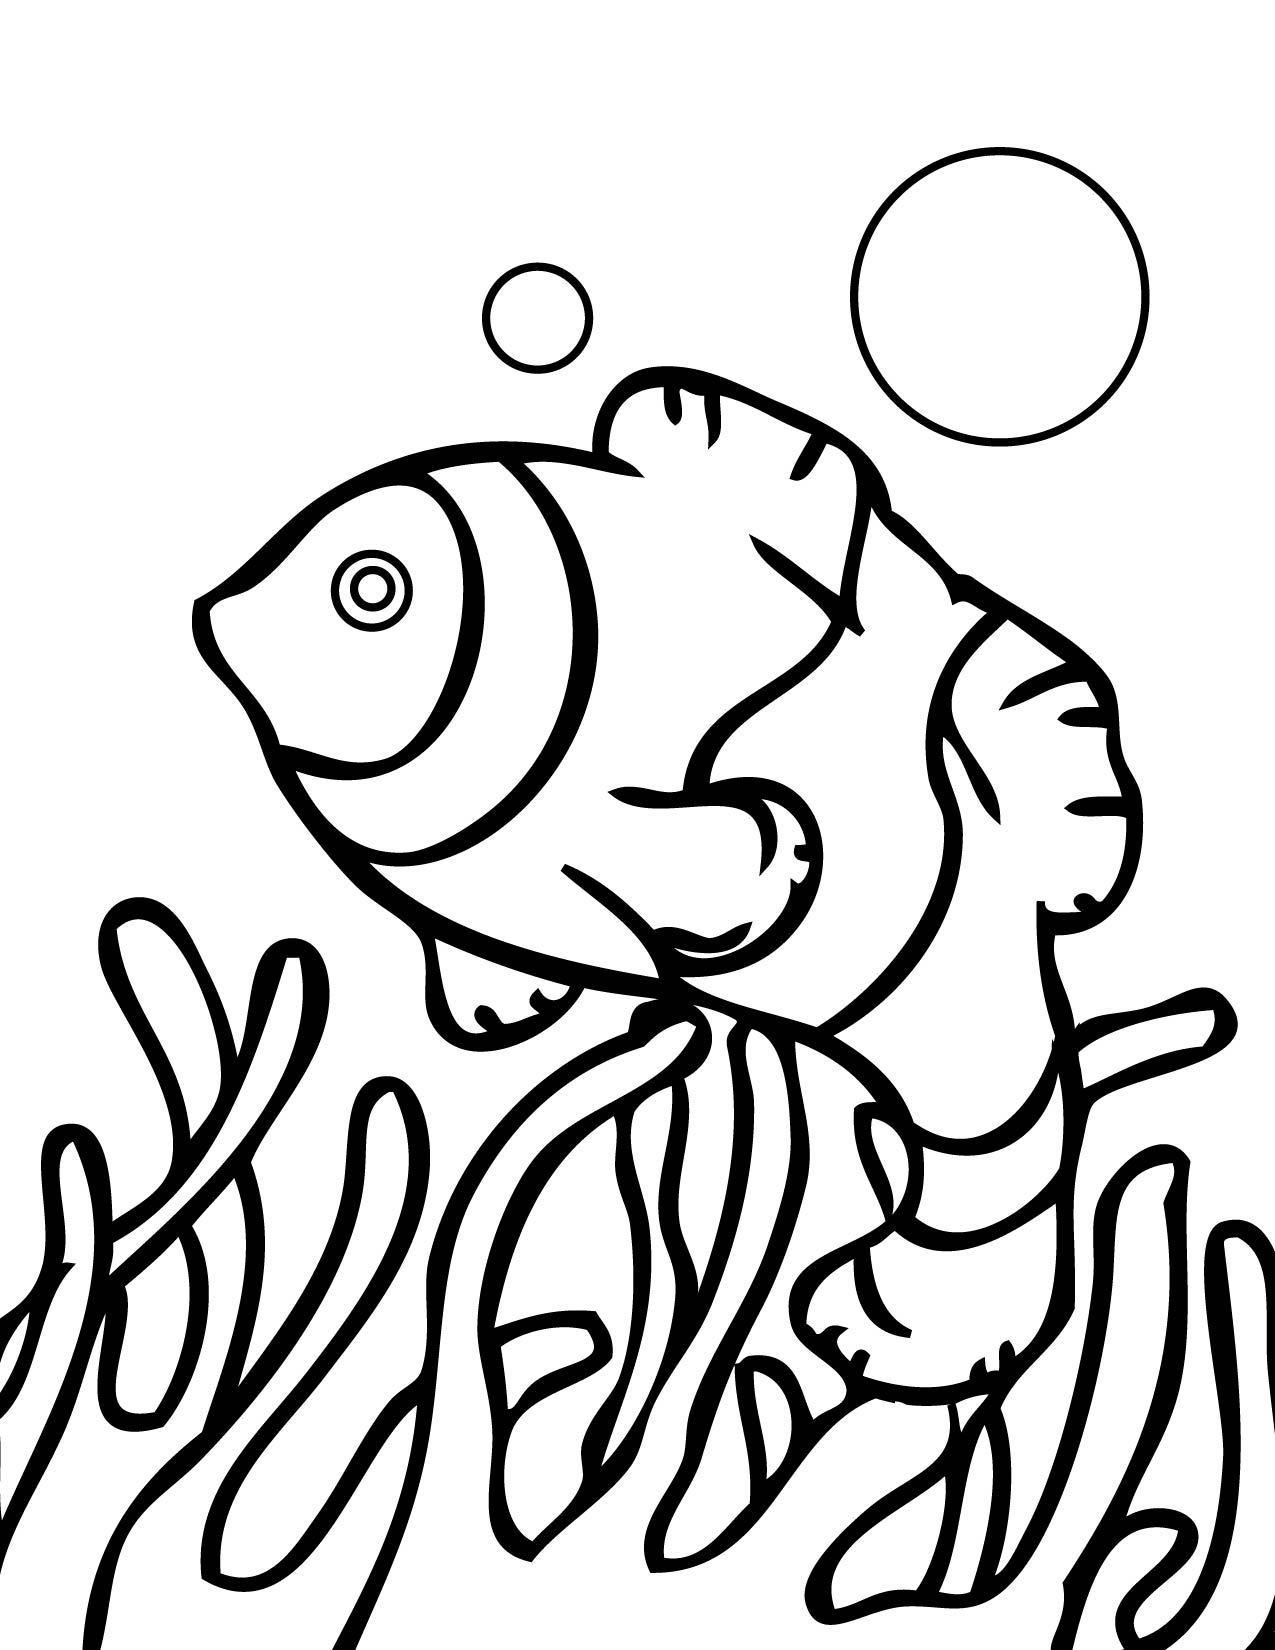 Coloriage Corail #23 (Nature) - Coloriages à imprimer